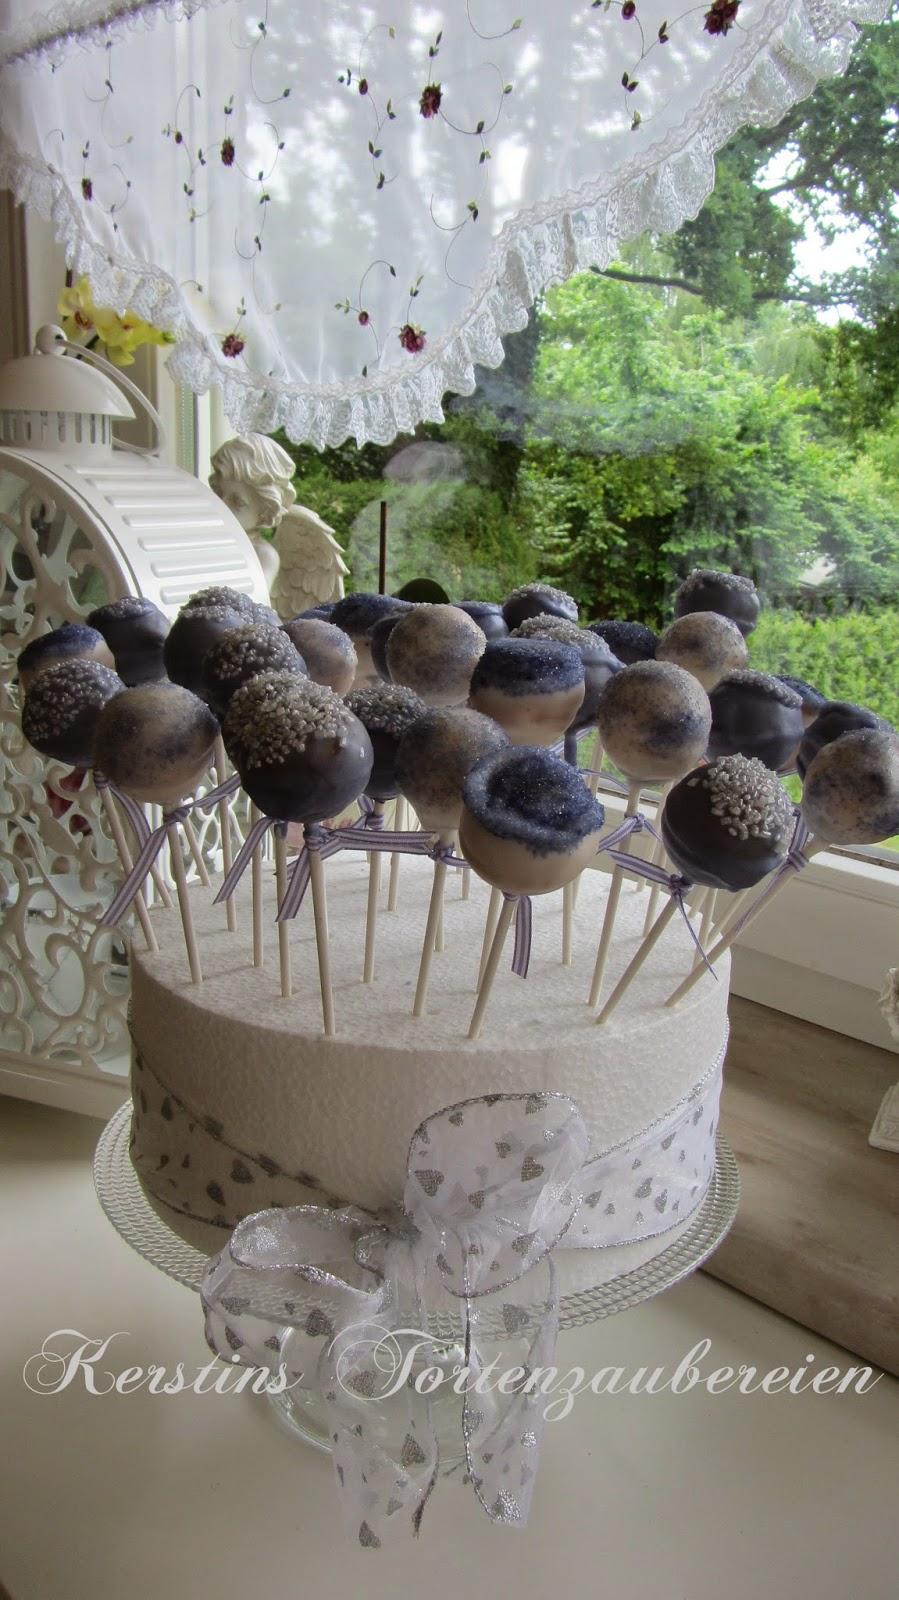 regenbogen vanille muffins. Black Bedroom Furniture Sets. Home Design Ideas